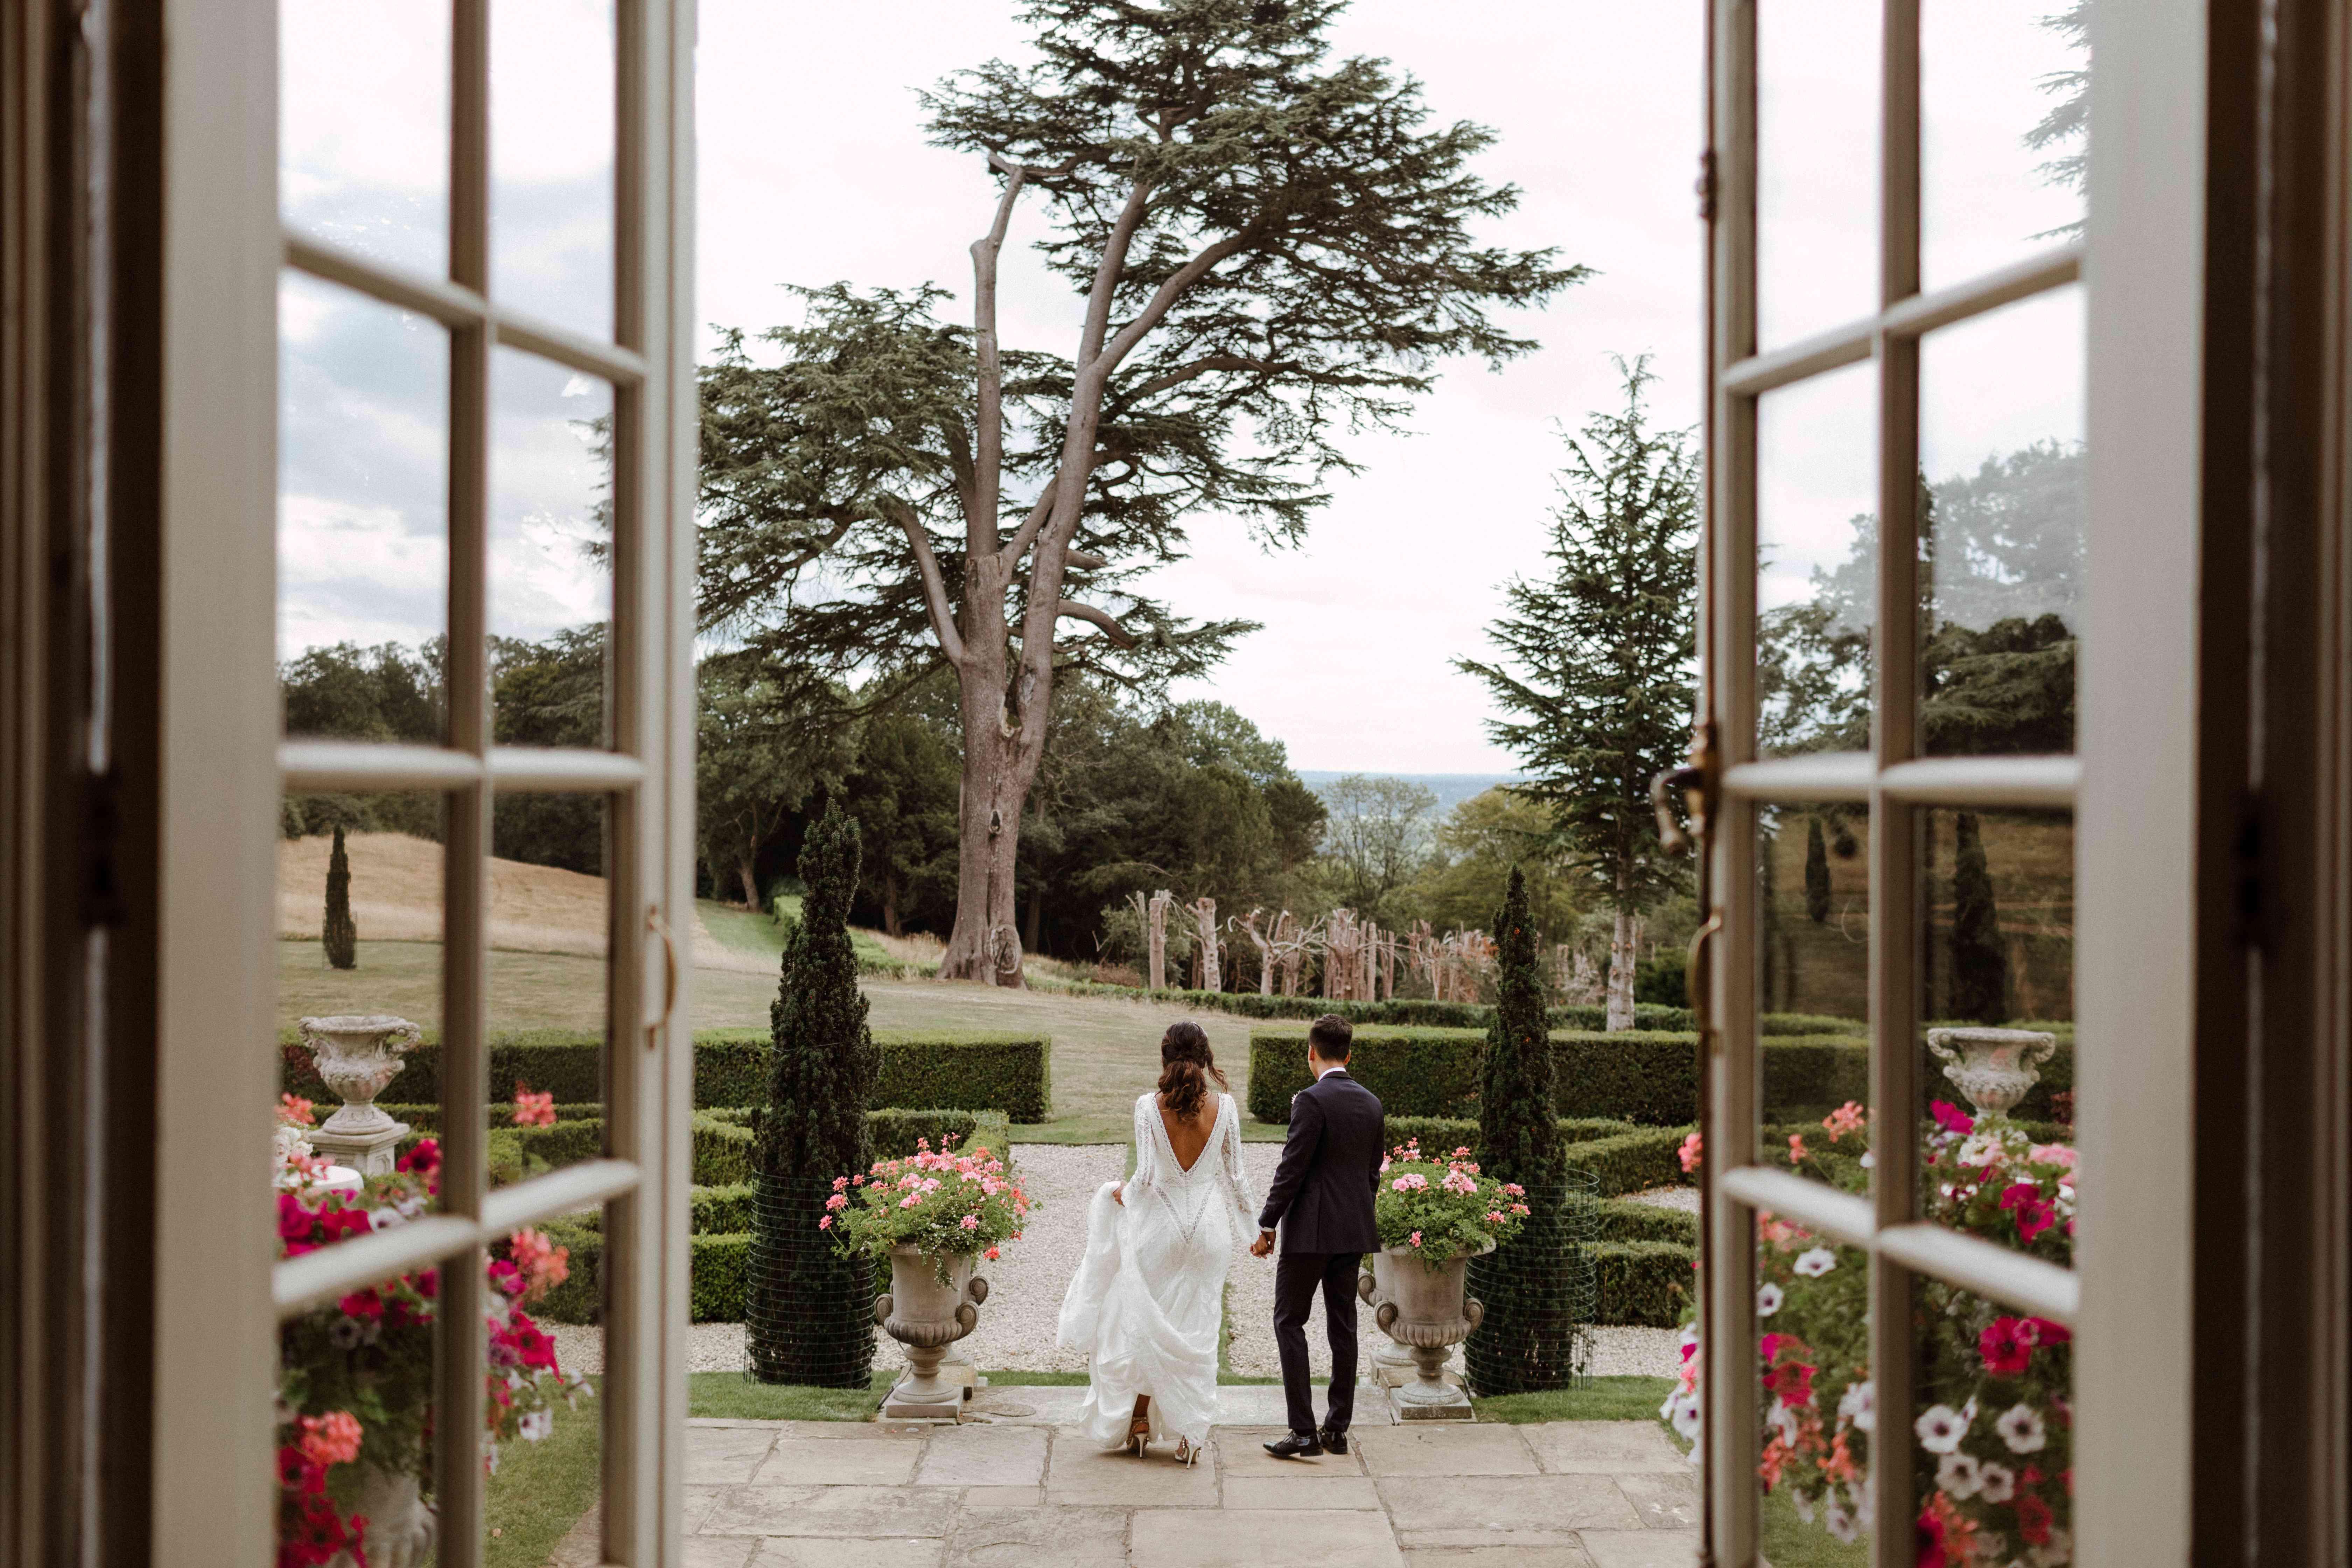 The couple in a garden